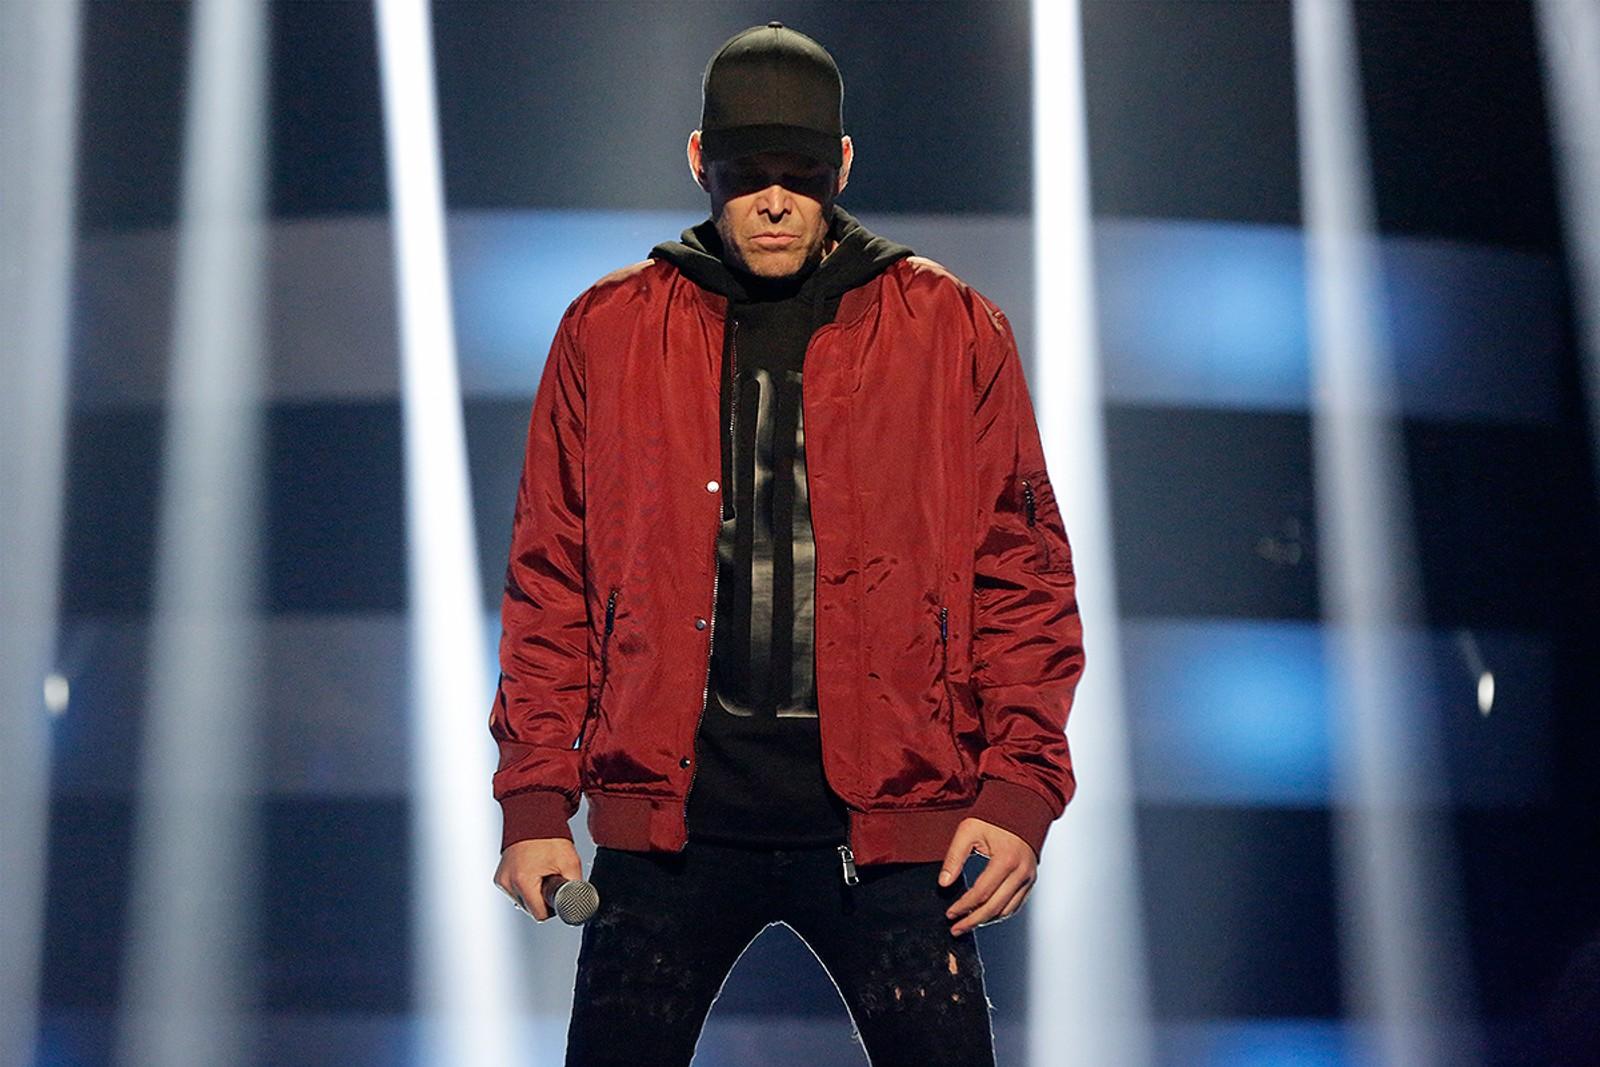 Håvard Bakke lot datteren bestemme hva han skulle rappe, og gikk for Eminem på hiphop-kvelden.